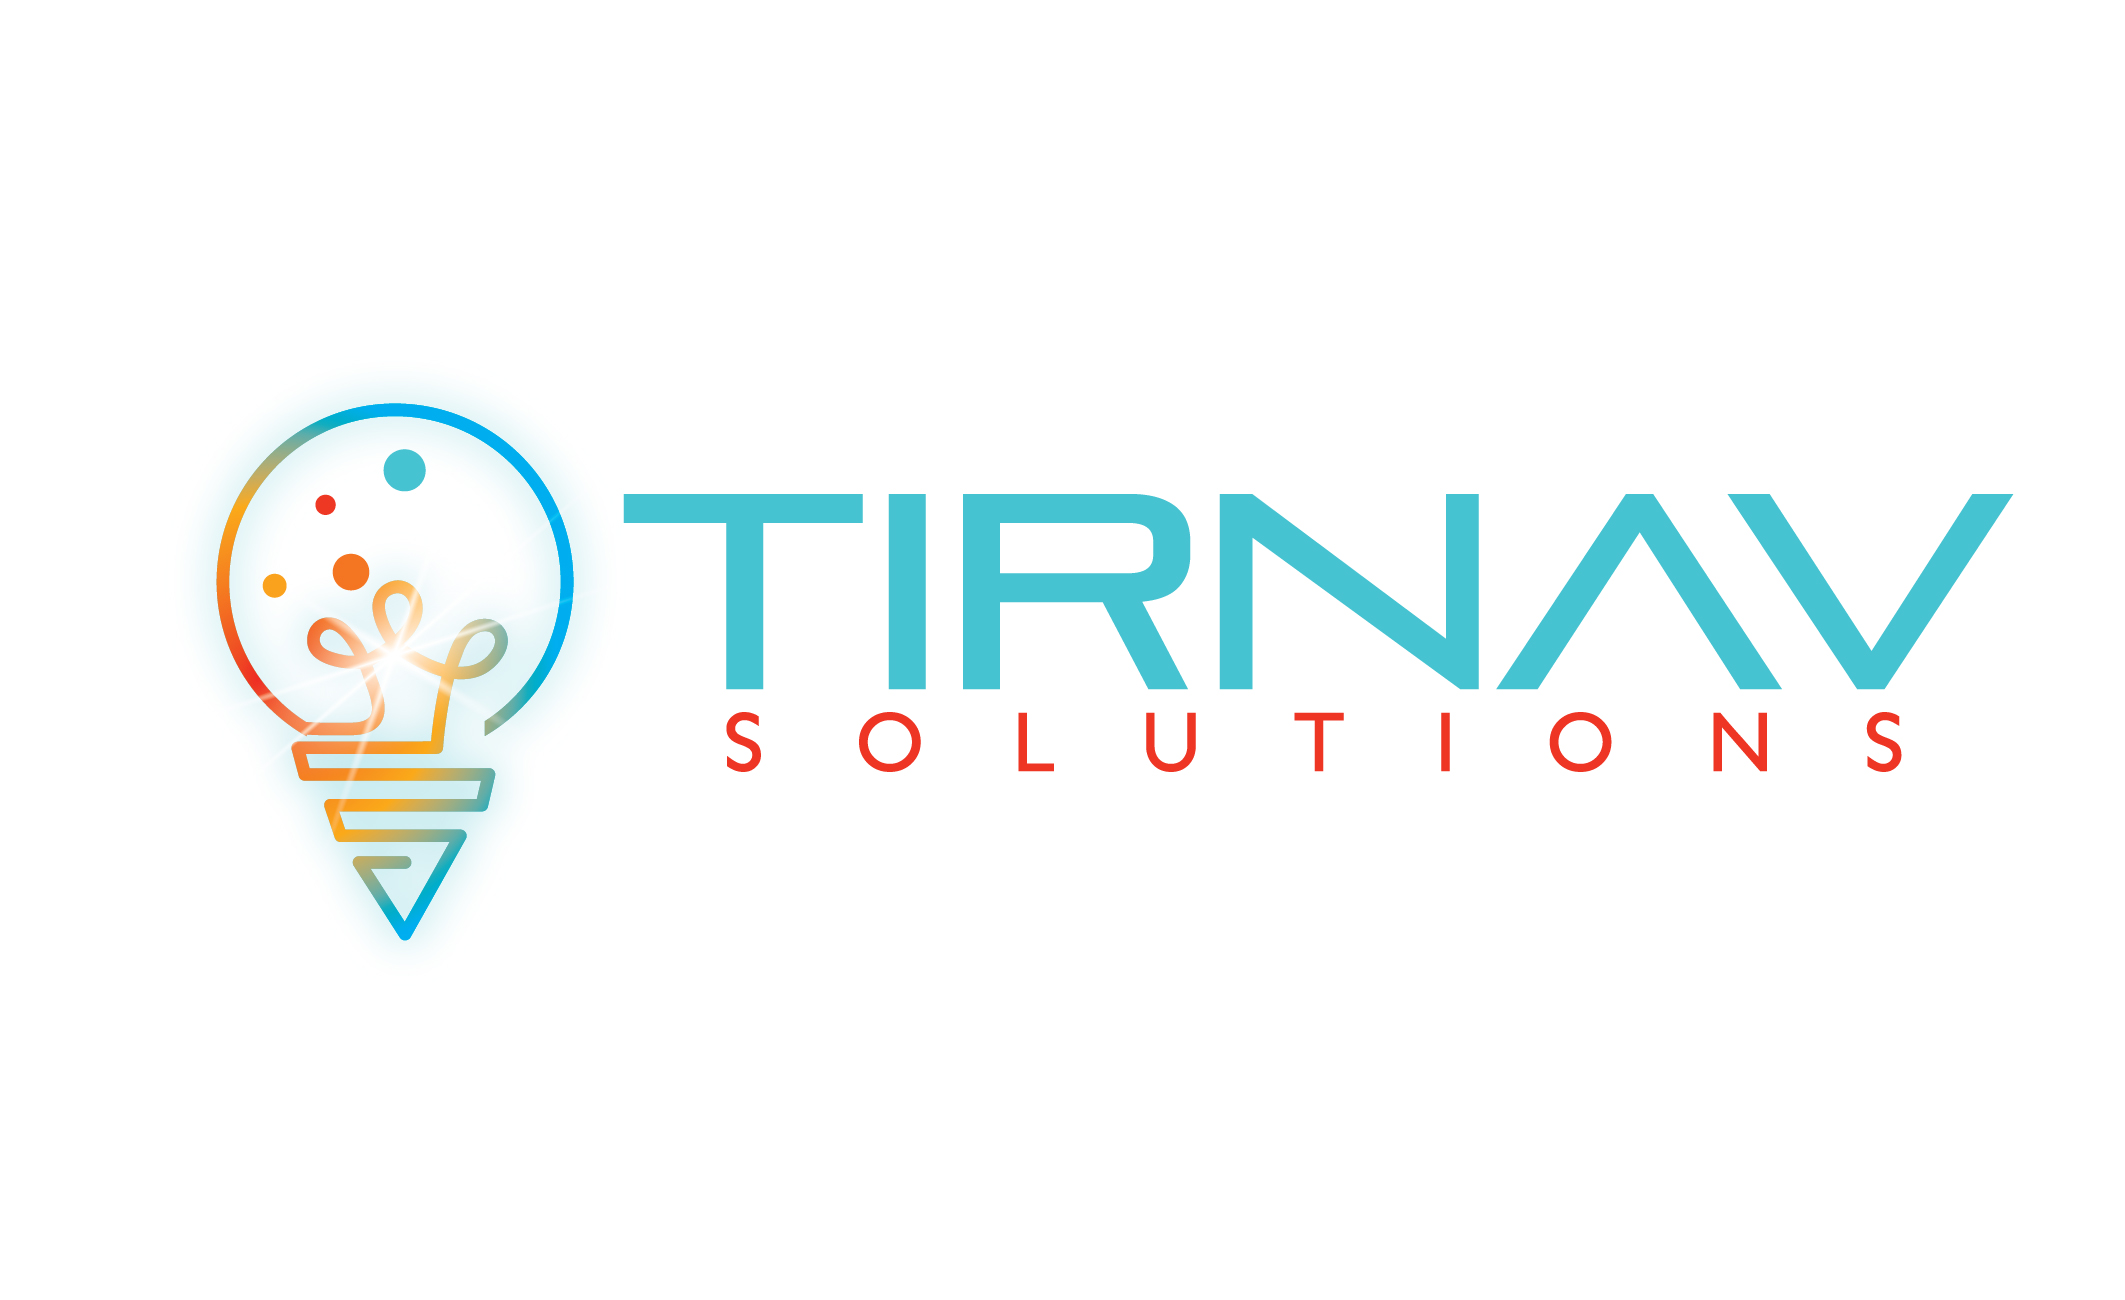 Tirnav Solutions Logo